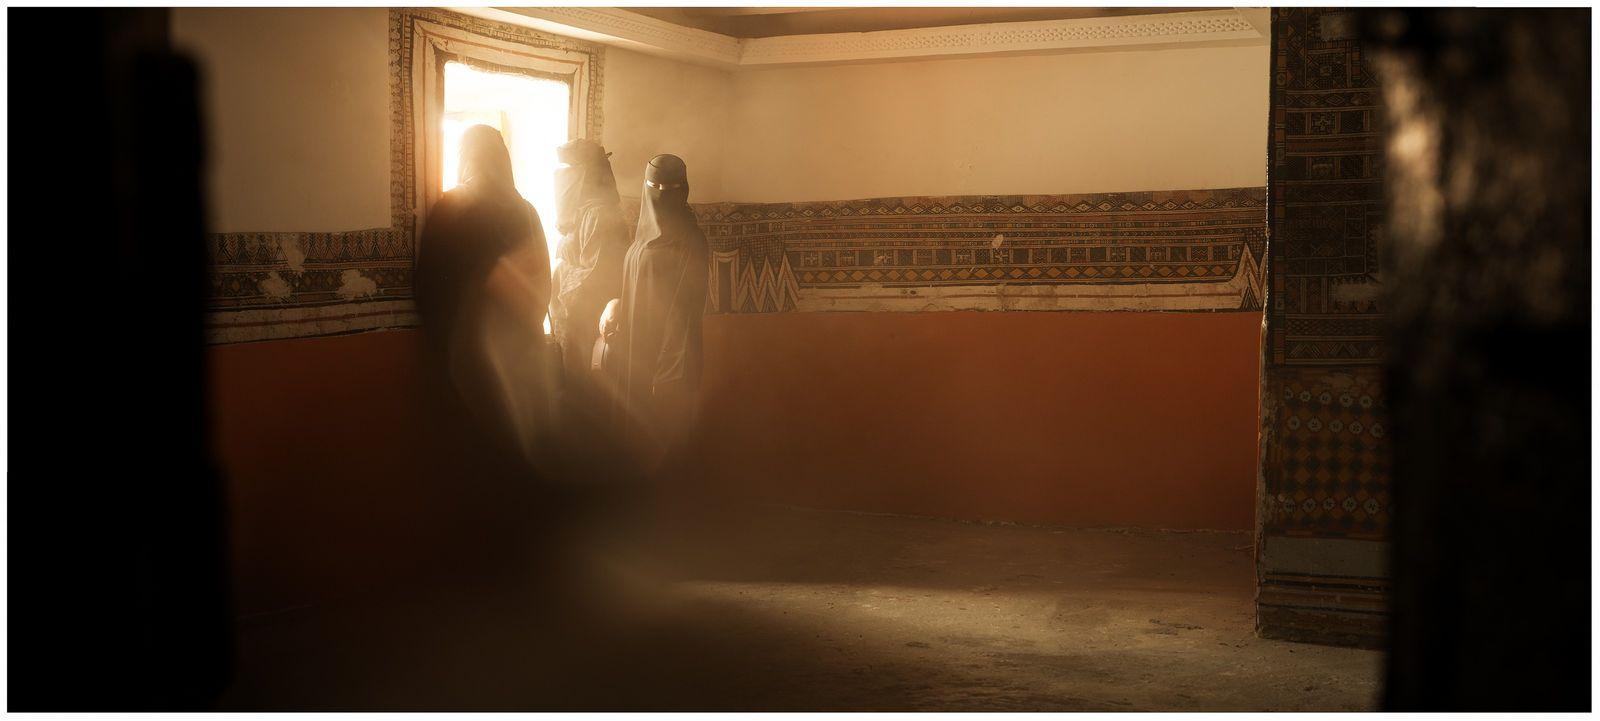 Al-Qatt Al-Asiri, Patrimoine Culturel immatériel de l'Unesco, Rijal Alma, Arabie Saoudite, 2019 - L'Al-Qatt Al-Asiri est ...